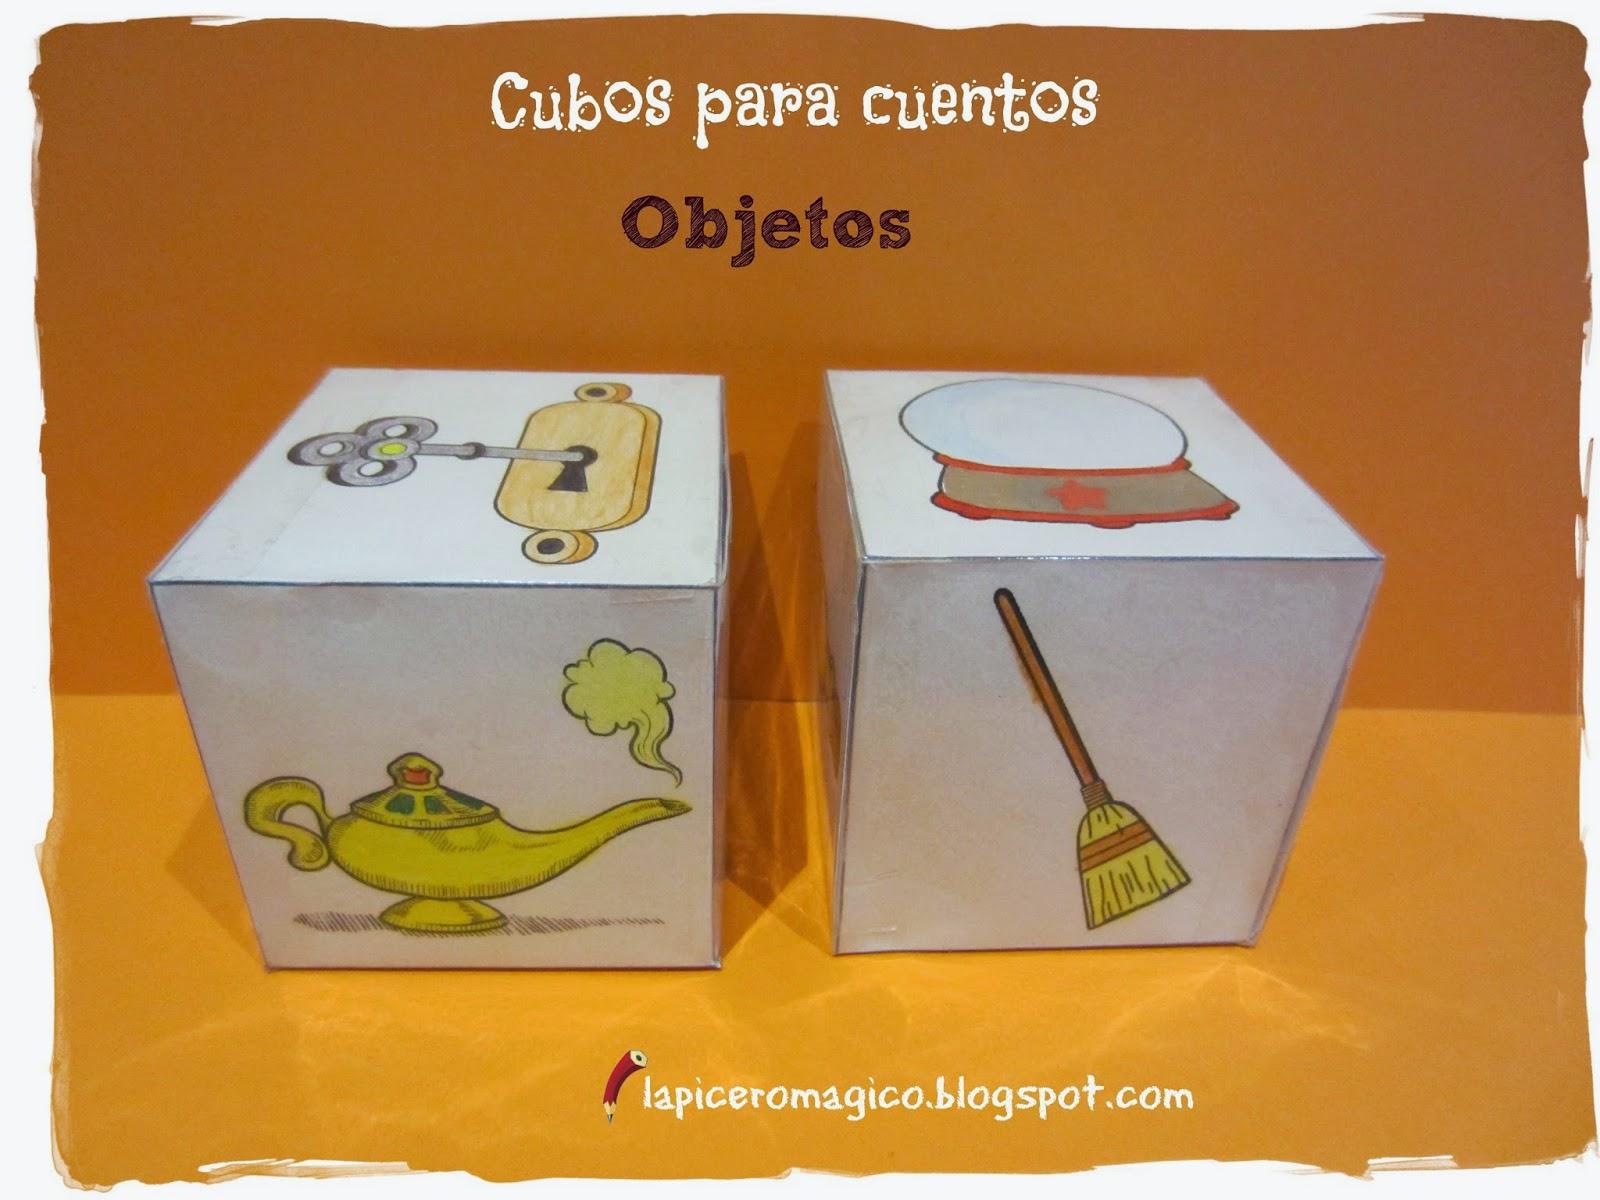 Lapicero m gico cubos para inventar cuentos for Mueble organizador de 9 cubos